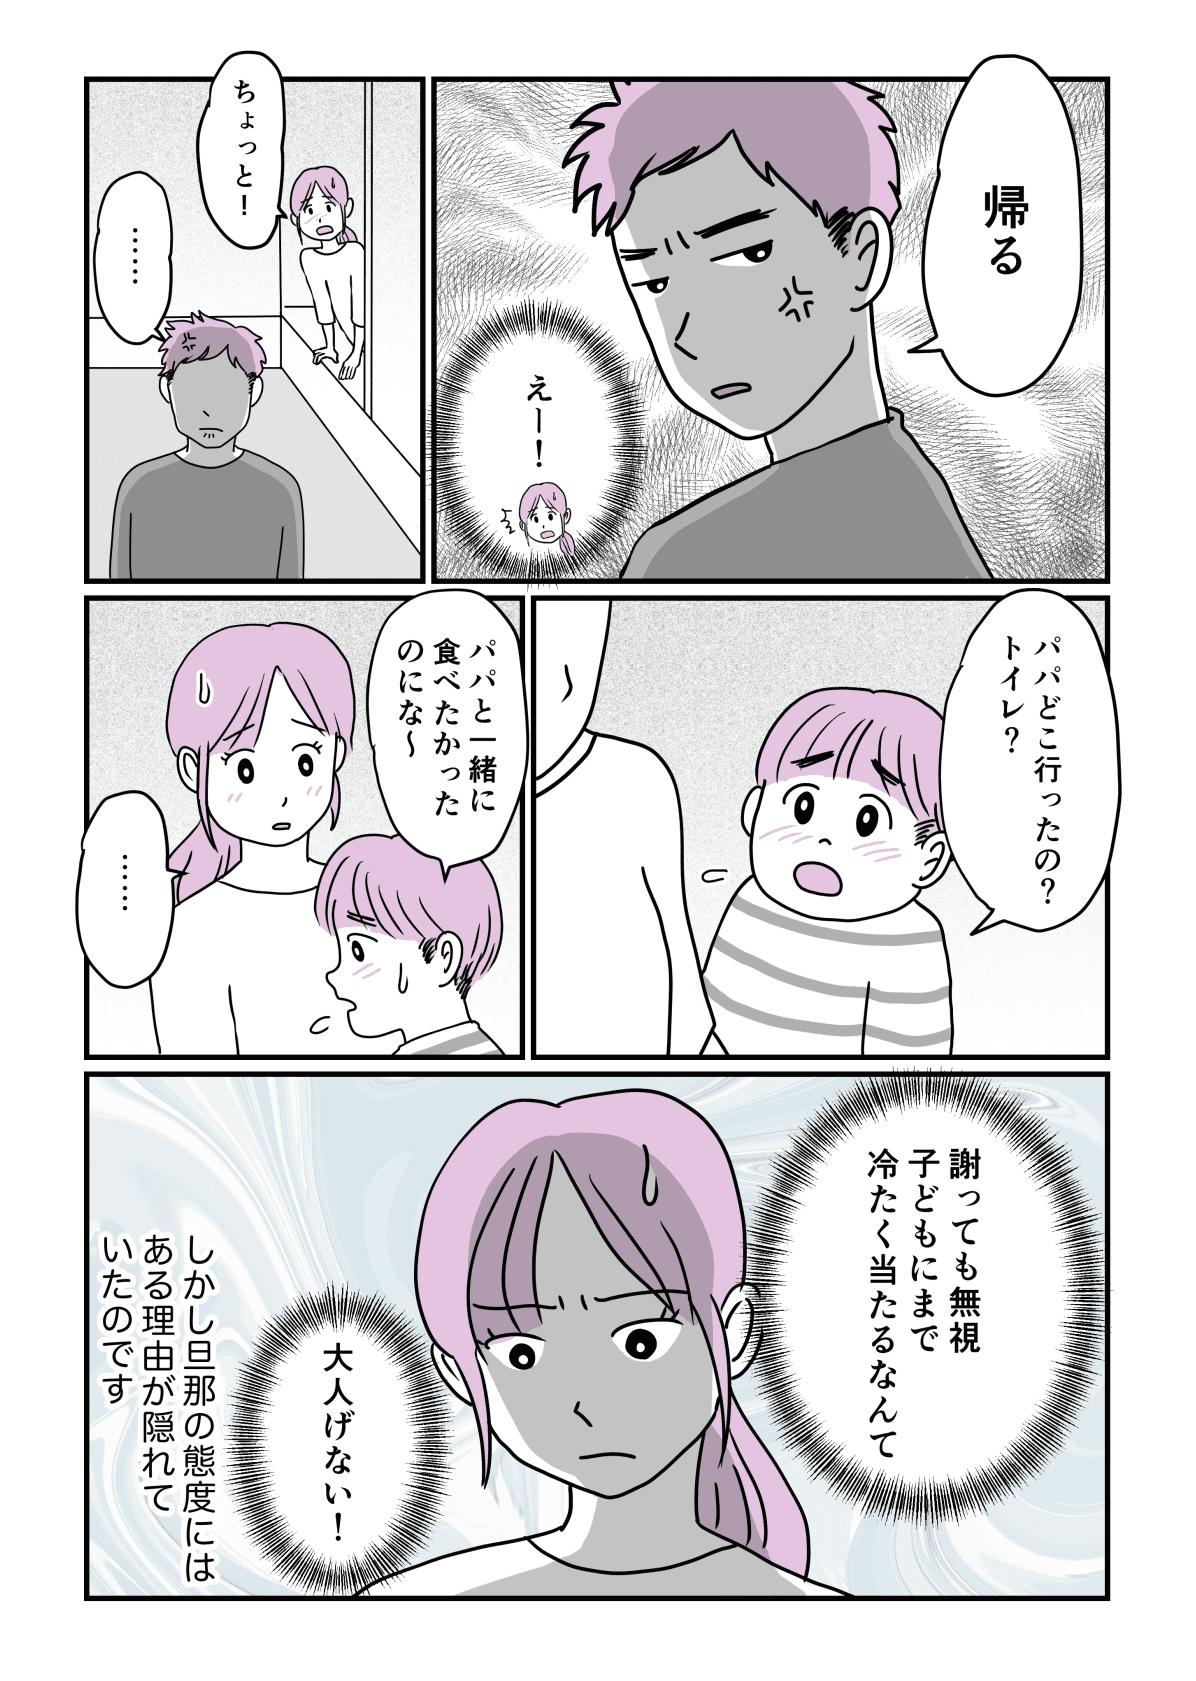 パパとトイレトレ前編3